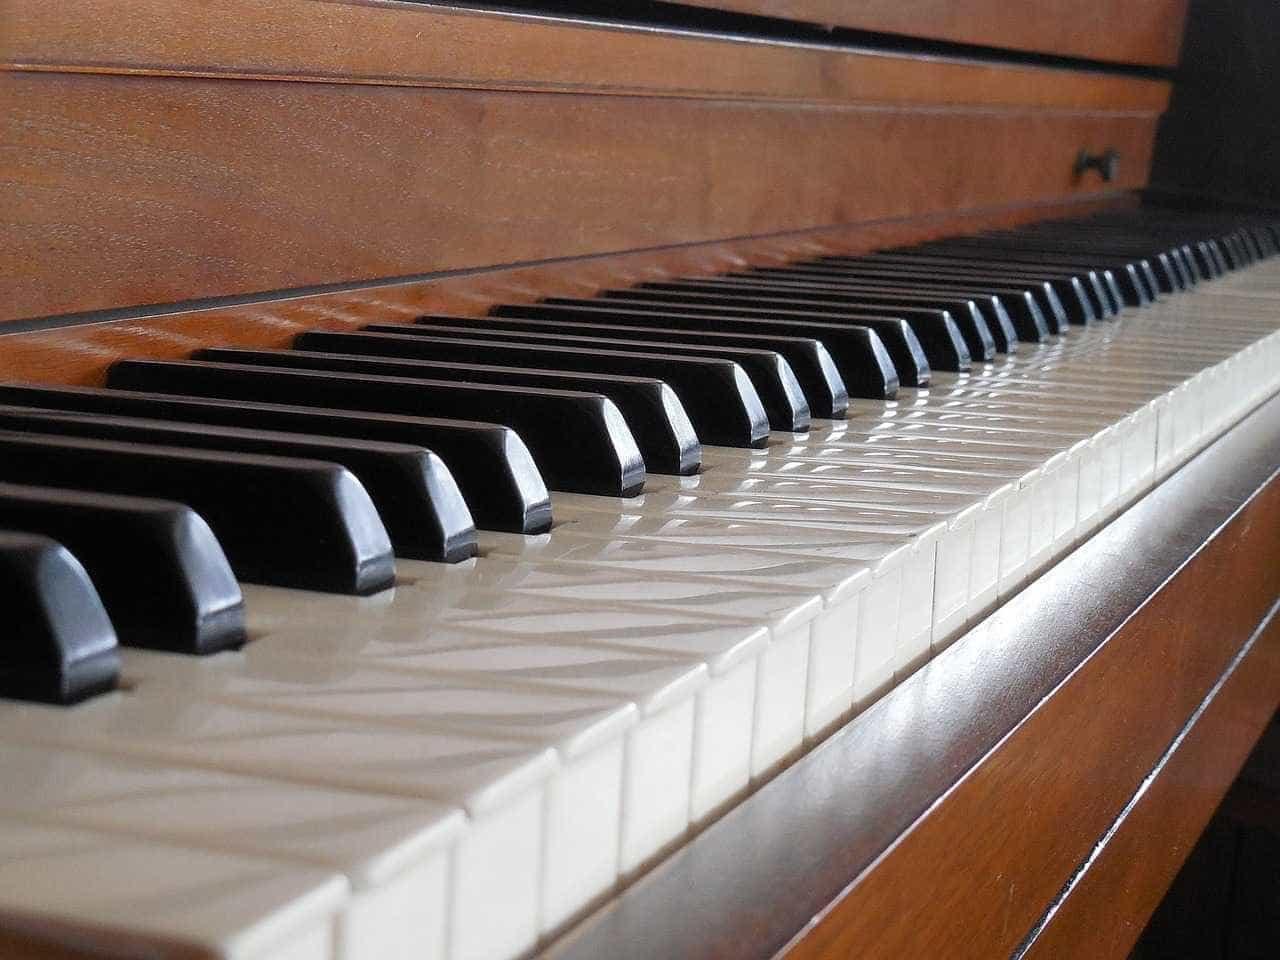 Pianista Sequeira Costa homenageado no Parlamento com minuto de silêncio